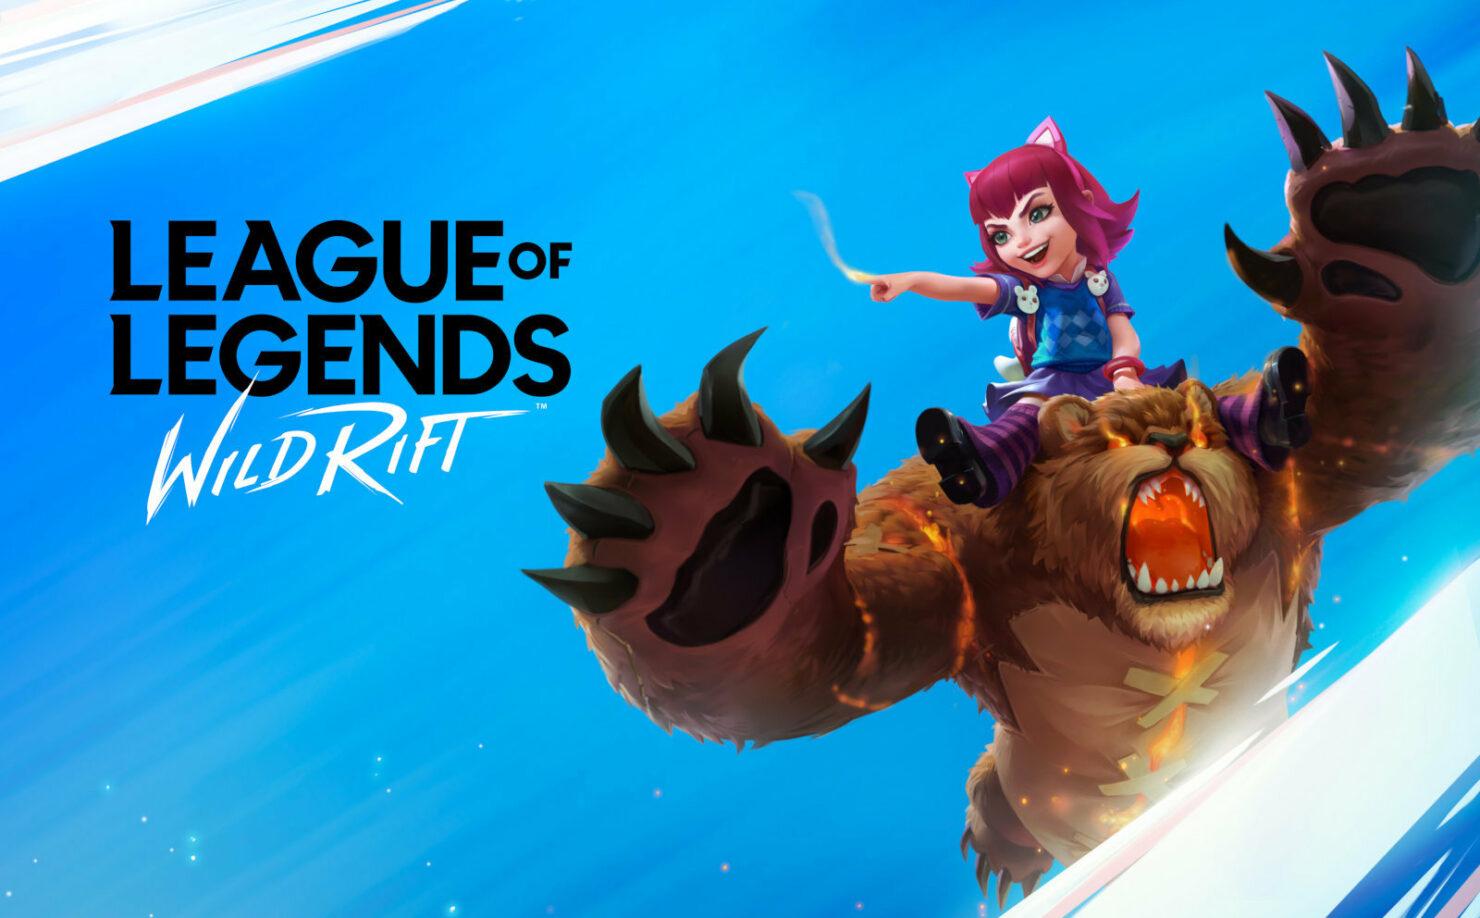 league of legends wild rift consoles mobile 2020